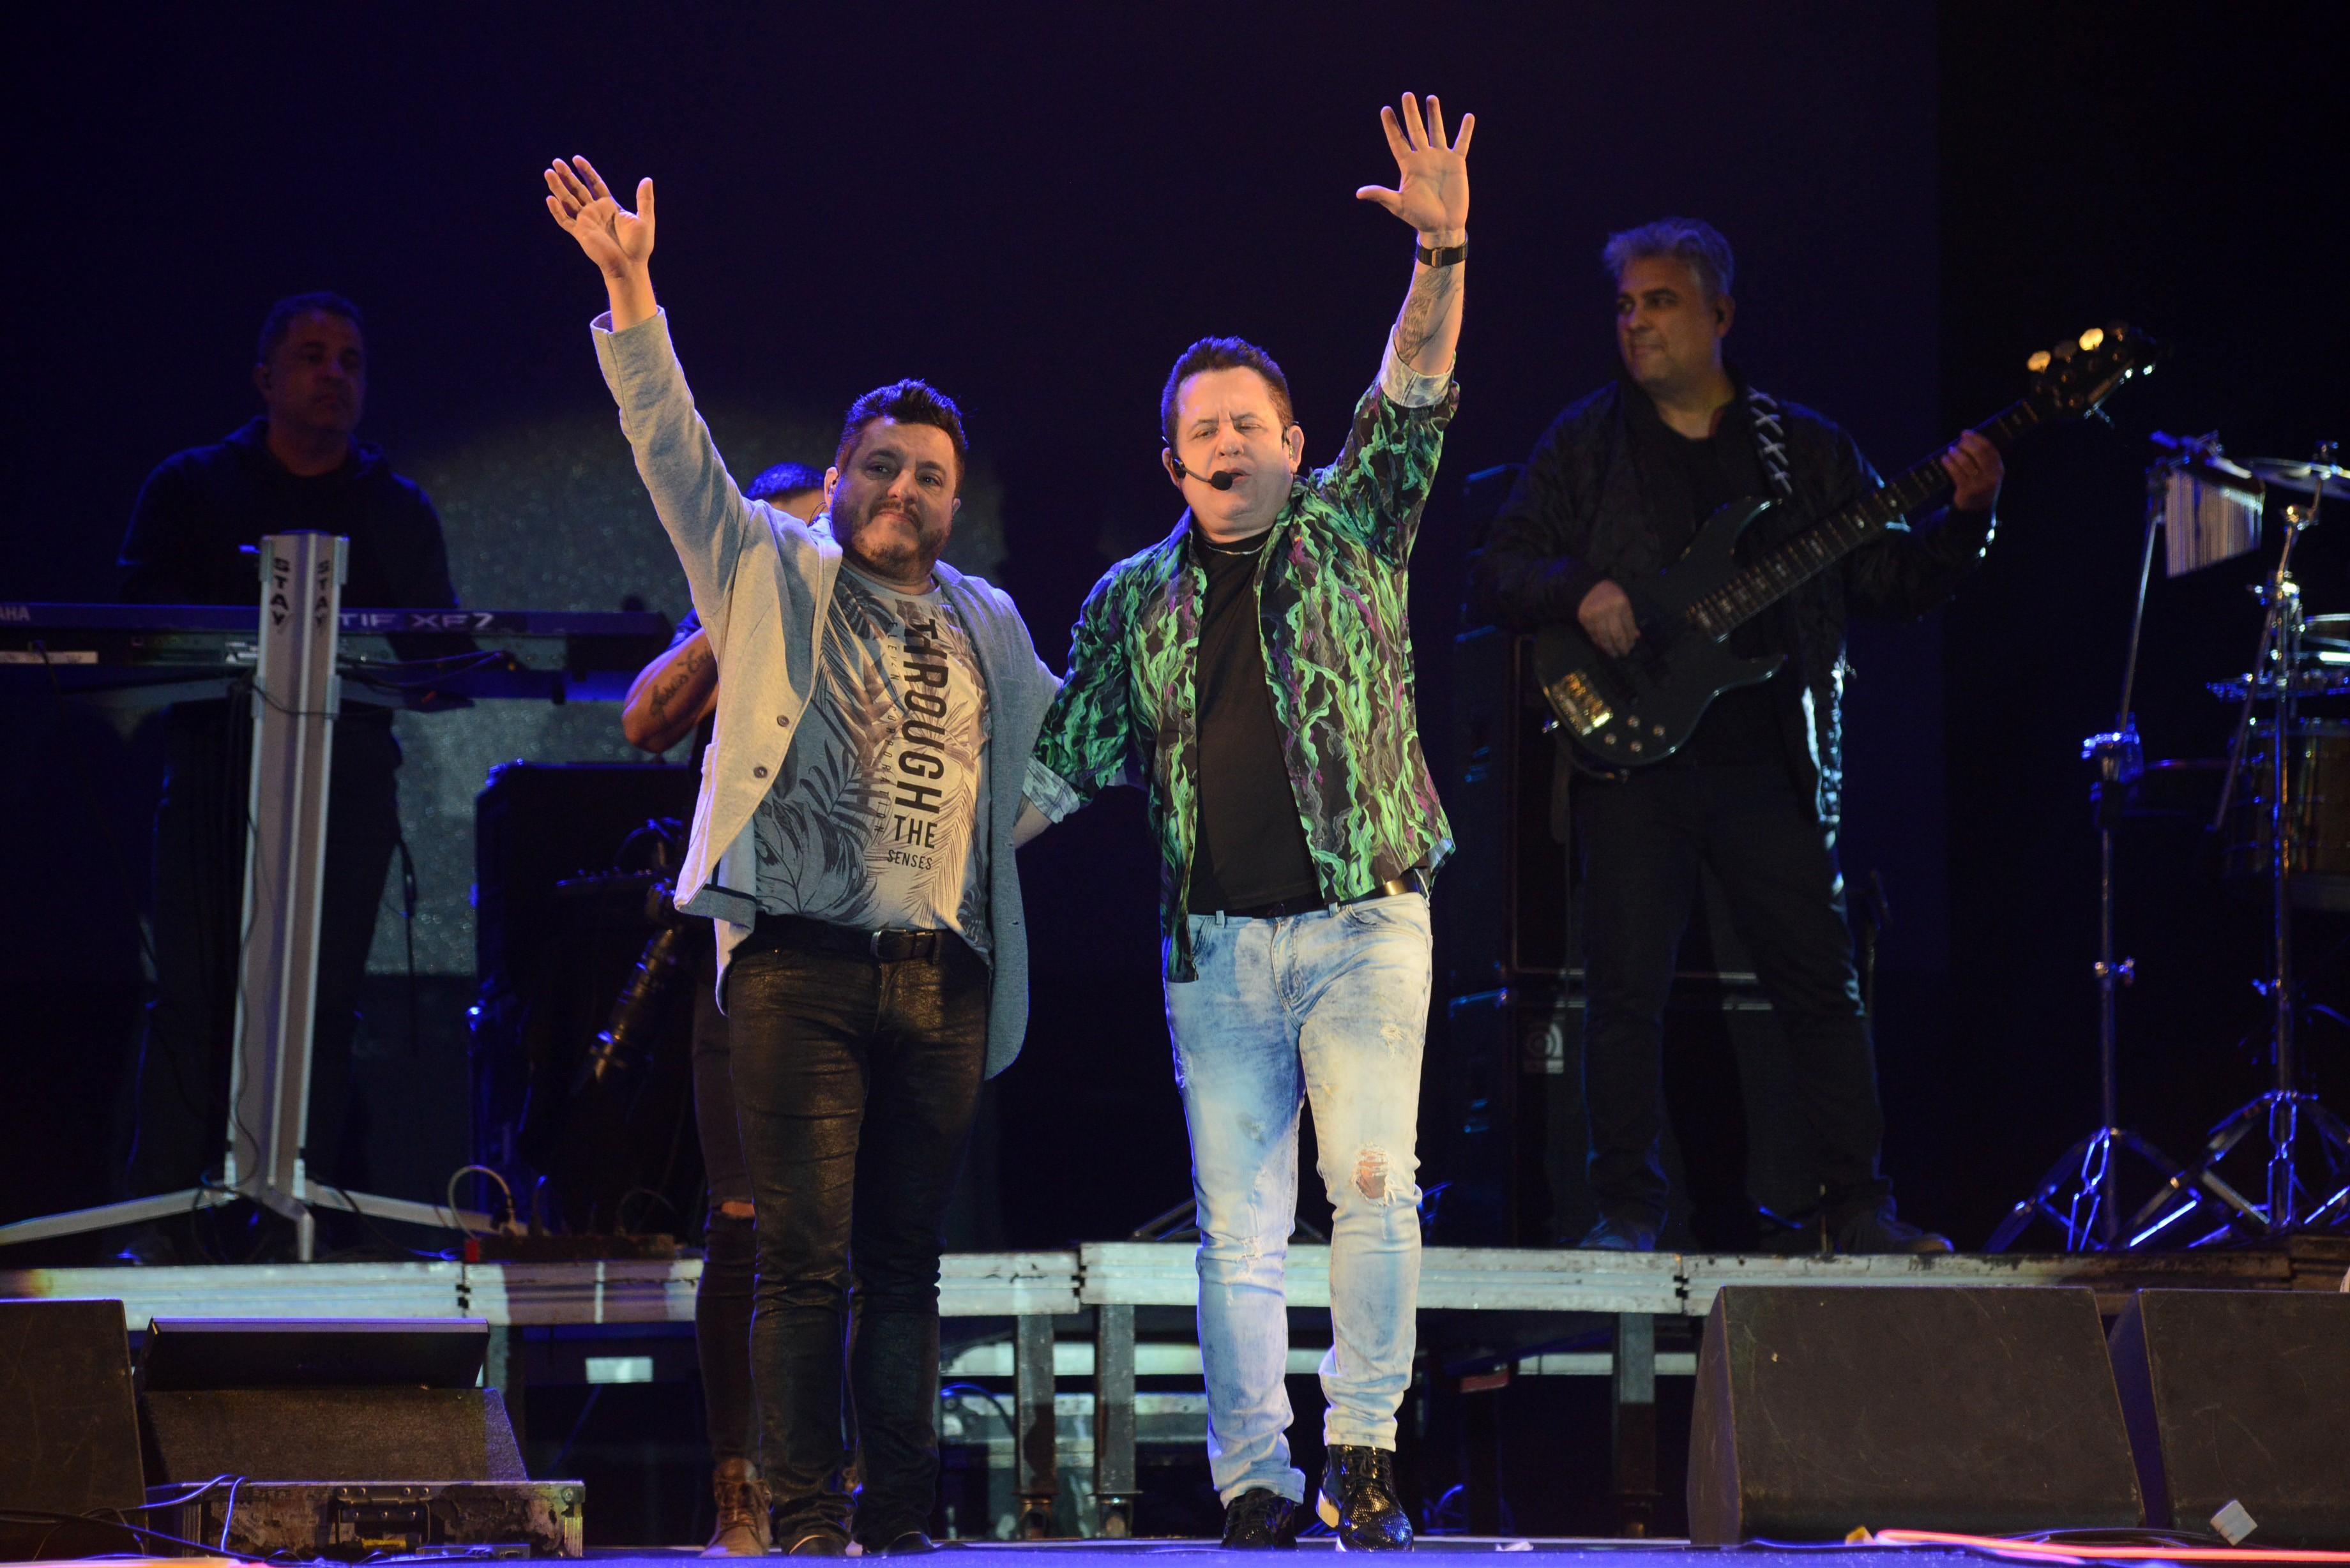 Live de Bruno e Marrone terá duas horas de duração e repertório focado nas canções antigas da dupla